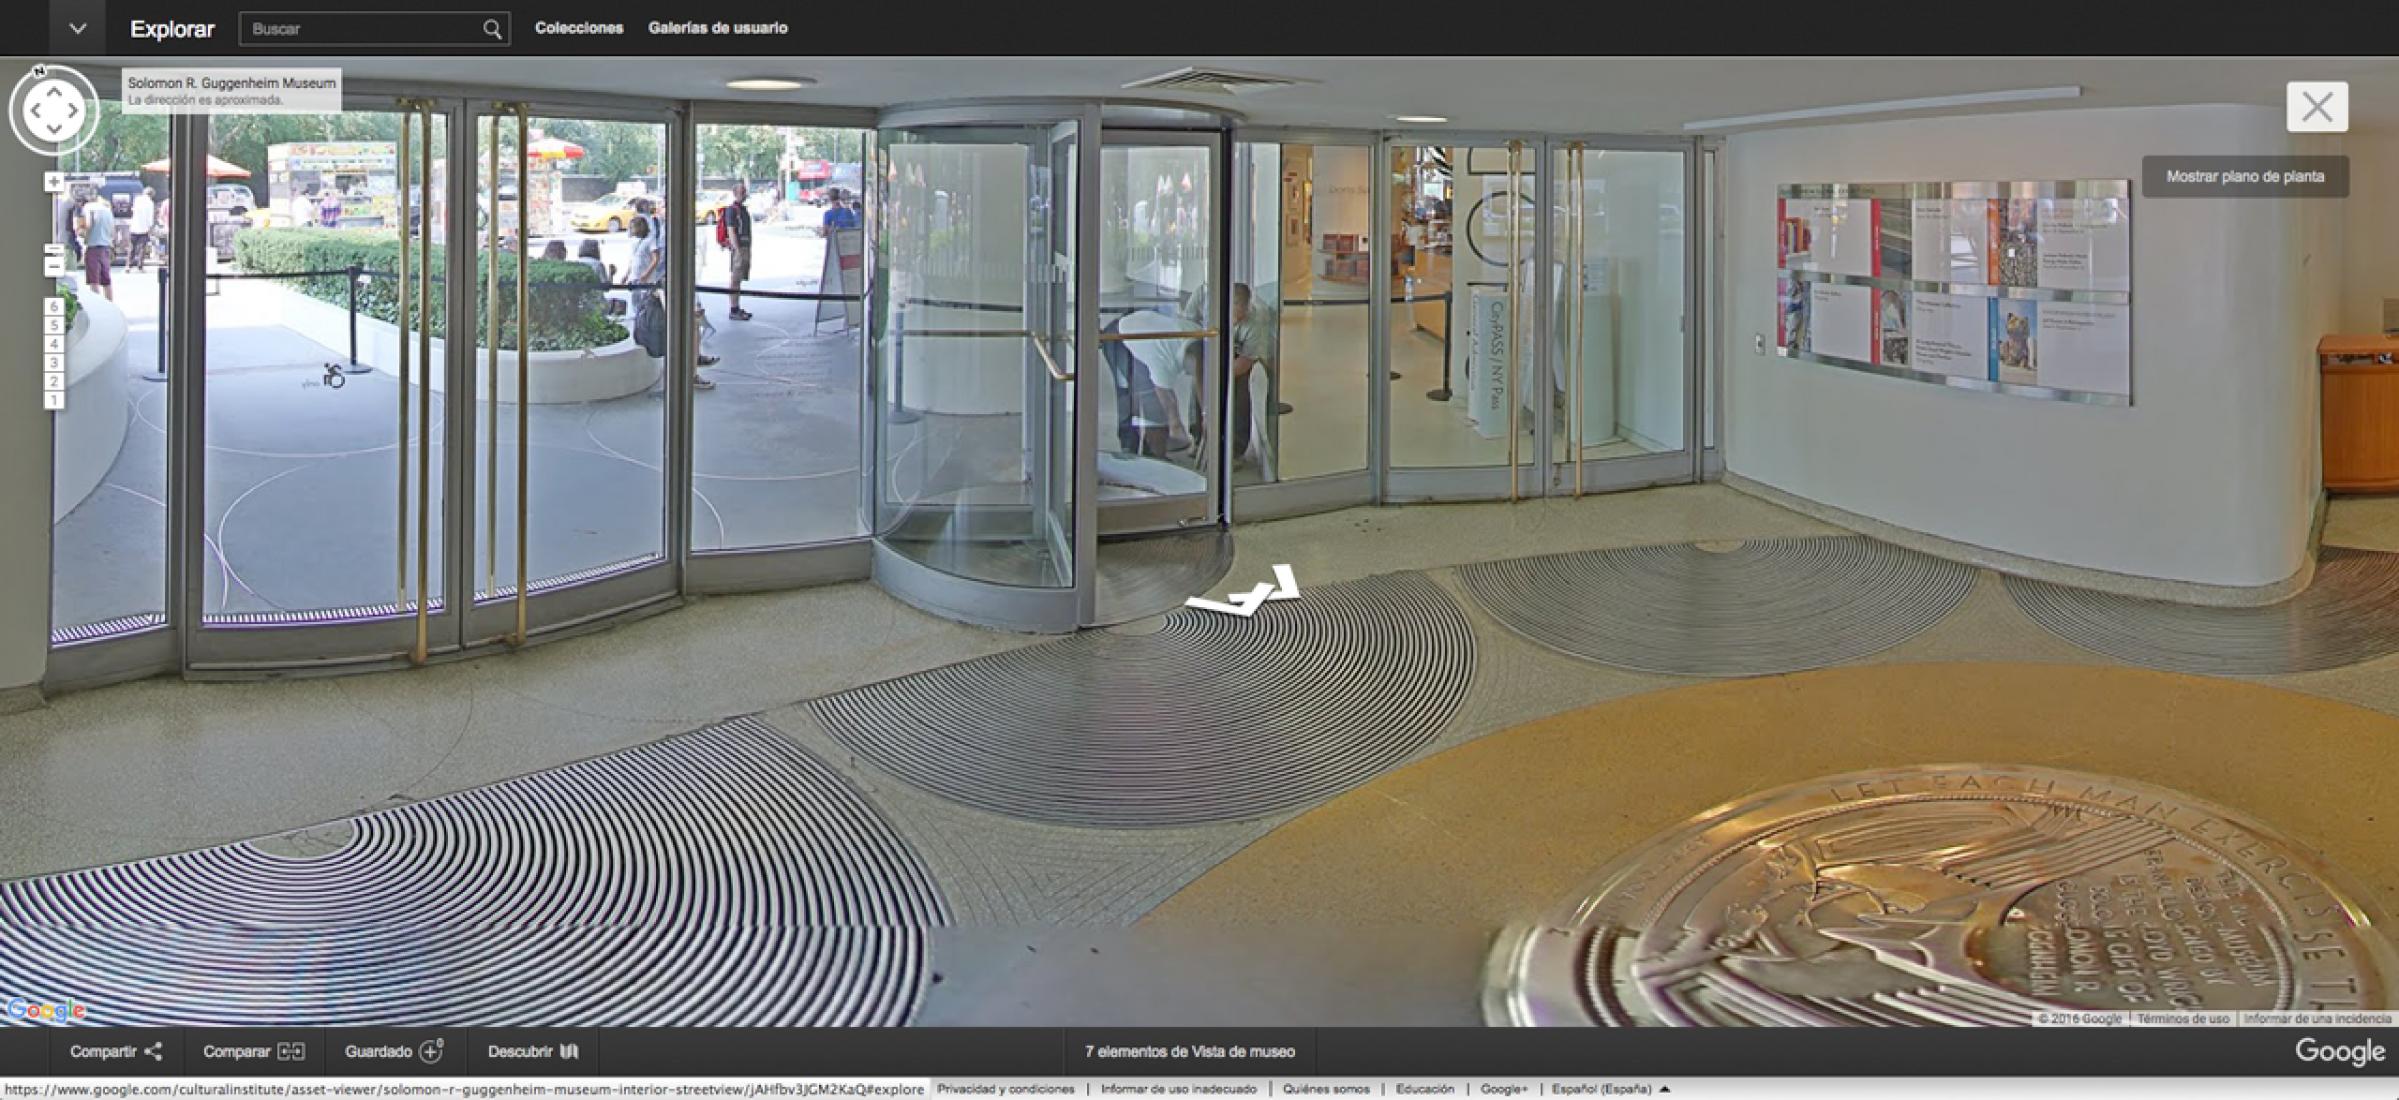 Google Art Project, Guggenheim. Vista de la instalación: Storylines: Contemporary Art at the Guggenheim, Solomon R. Guggenheim Museum, Nueva York, 5 de Junio–9 Septiembre, 2015. Imagenes © Museo Solomon R. Guggenheim, Nueva York.